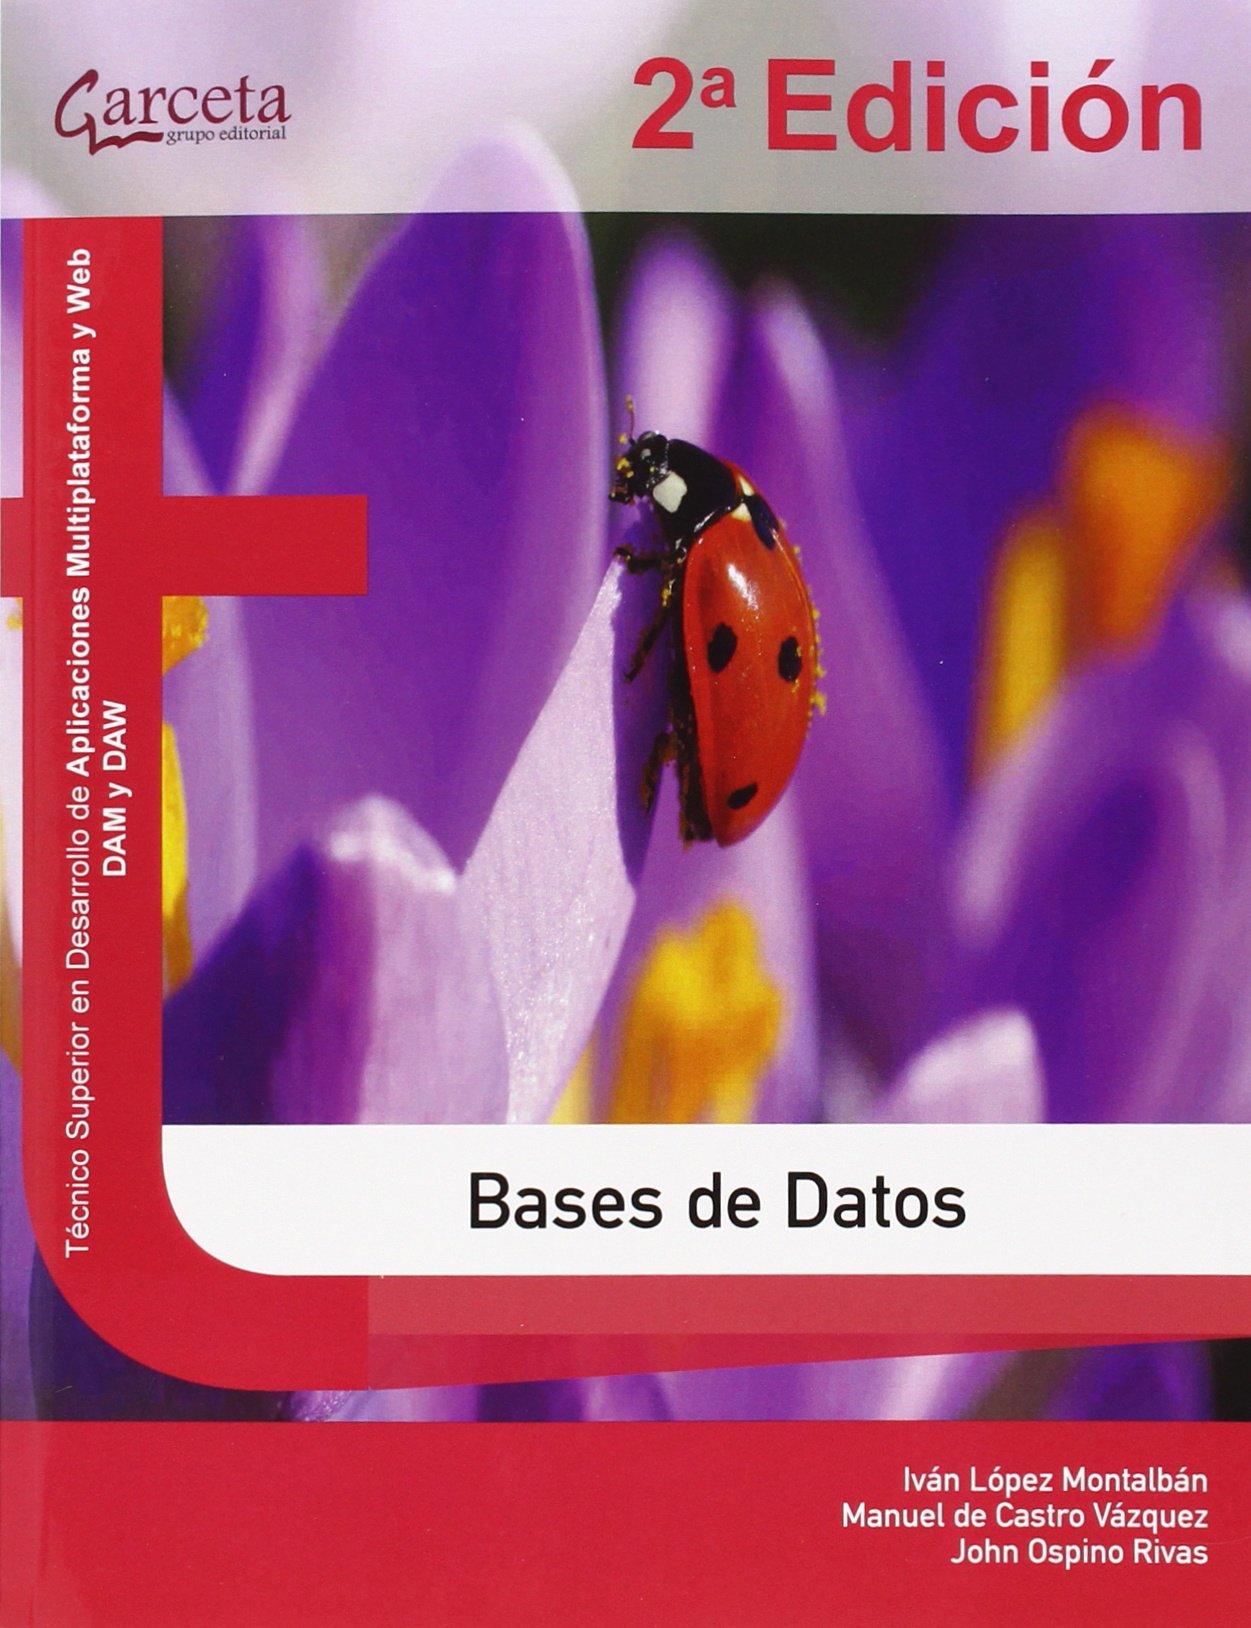 Bases de Datos. 2ª Edición (Texto (garceta)) Tapa blanda – 9 ene 2014 Iván López Montalbán John Ospino Rivas 8415452950 SAP (Systems